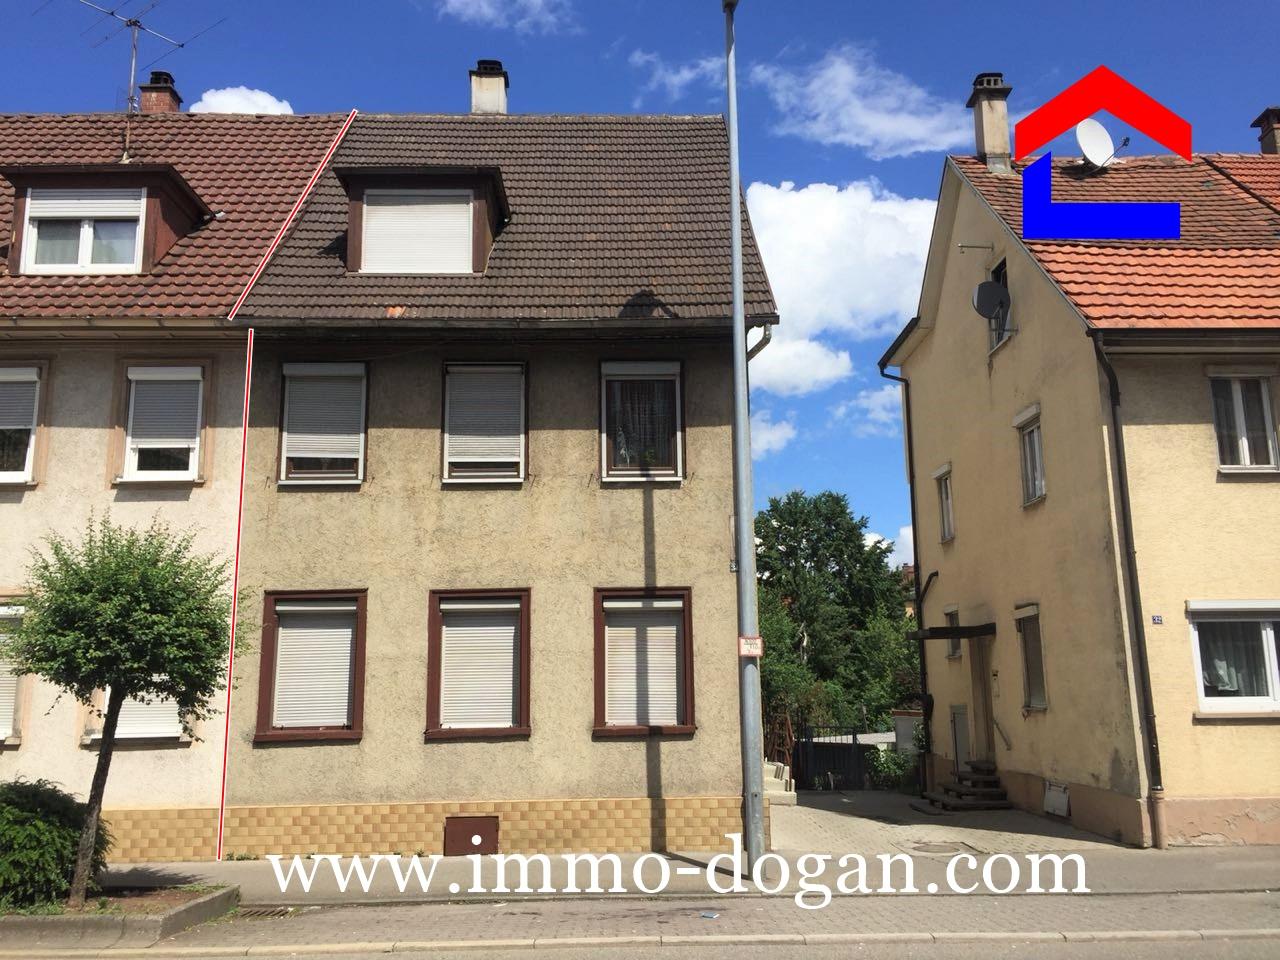 2 Familien-Stadthaus mit kleinem Lagerraum/Werkstatt